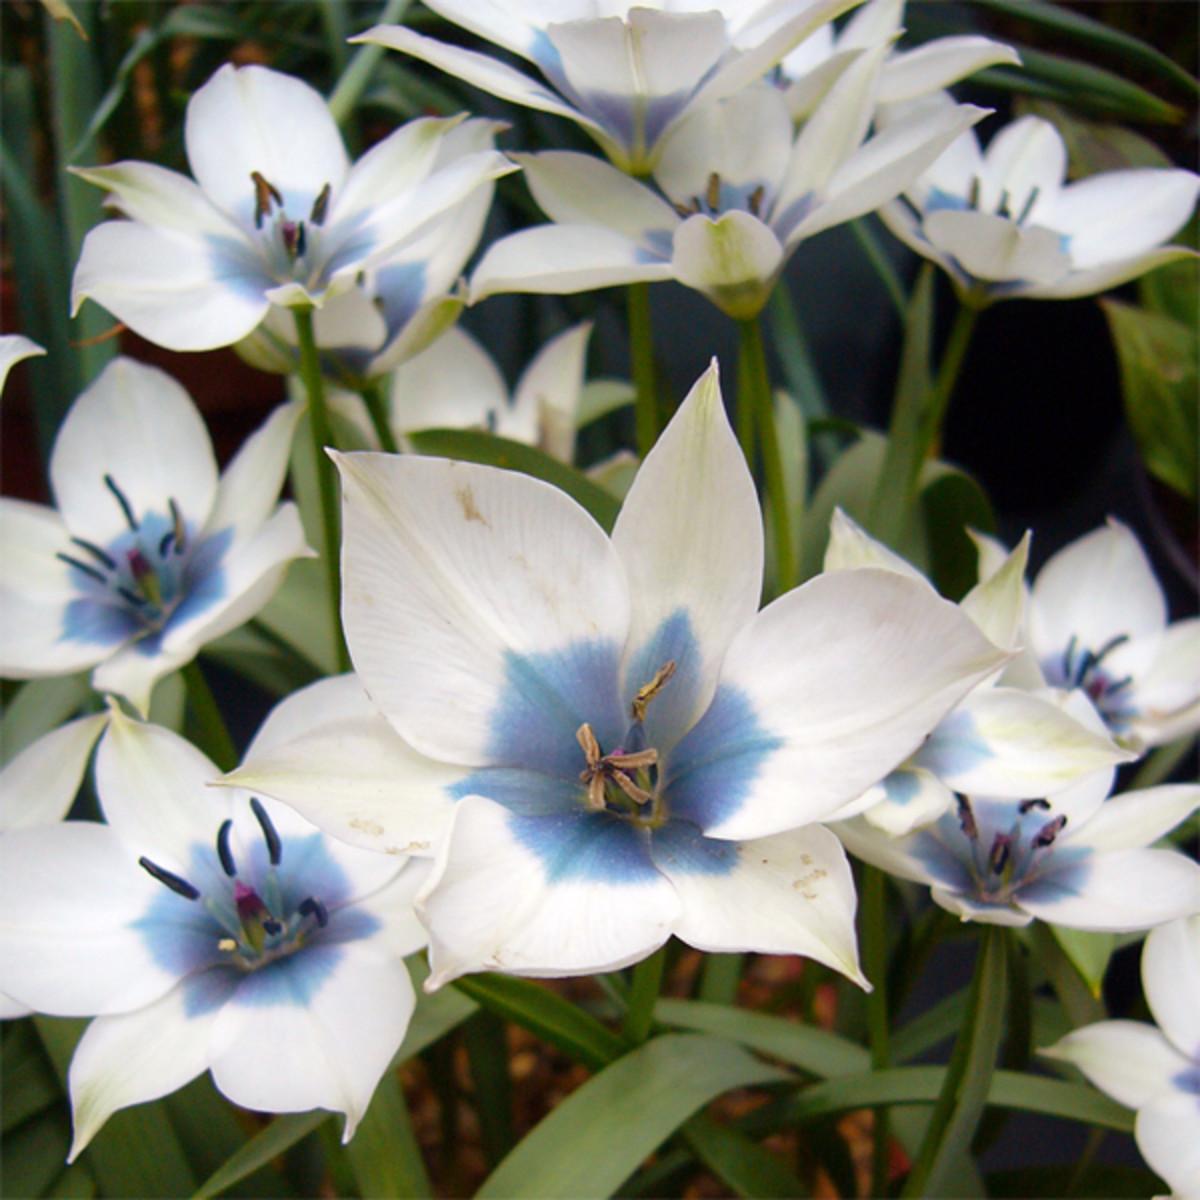 Tulipa humilis var. pulchella Albocaerulea Oculata Group